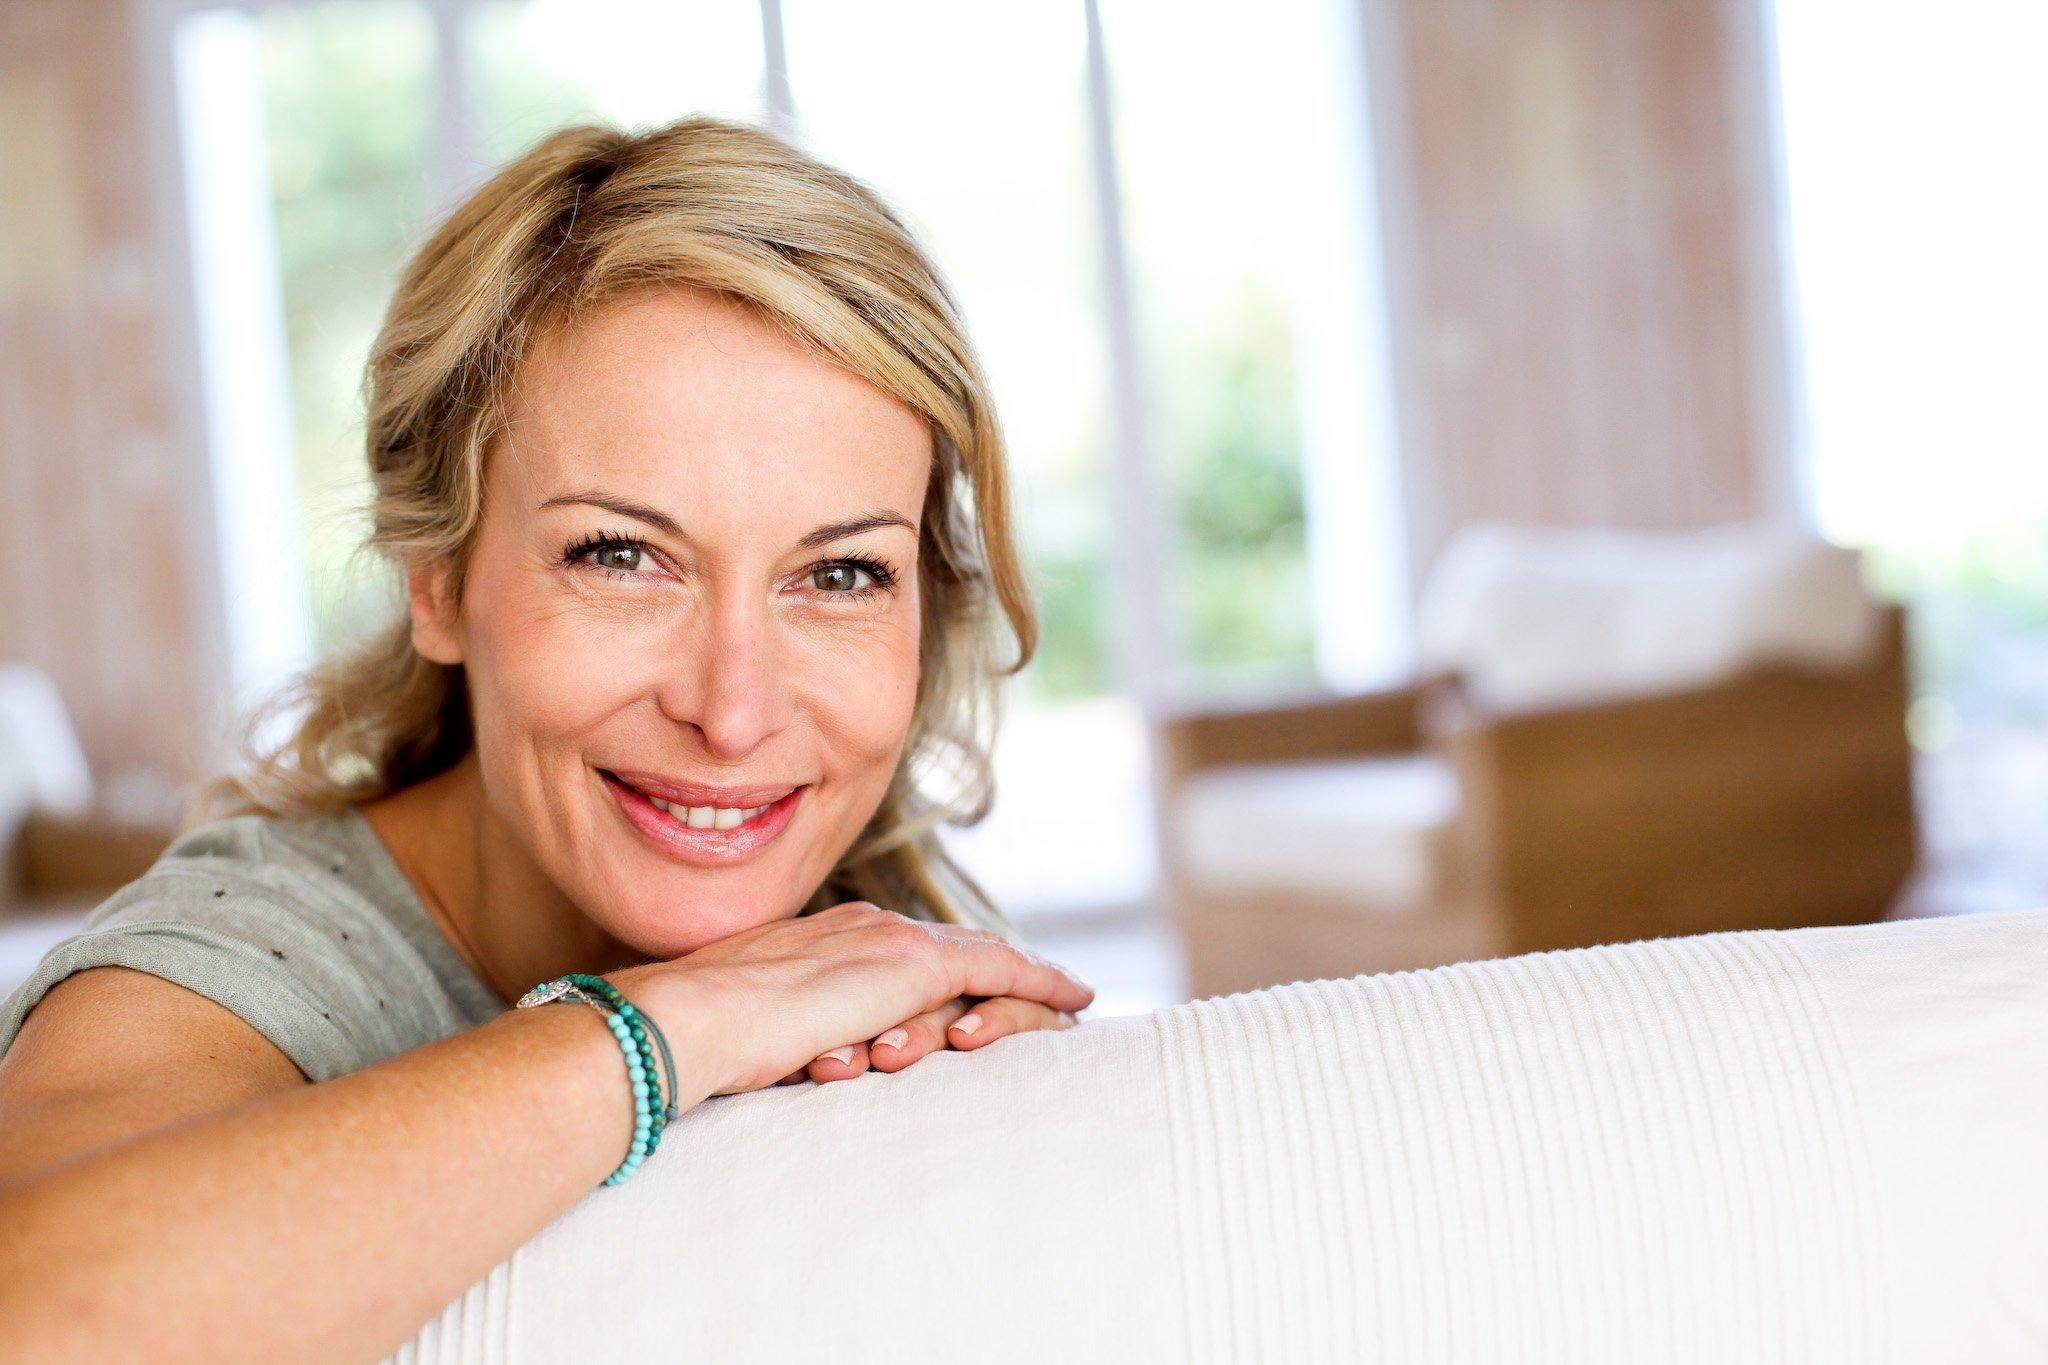 Преждевременная менопауза: причины возникновения и способы предотвращения